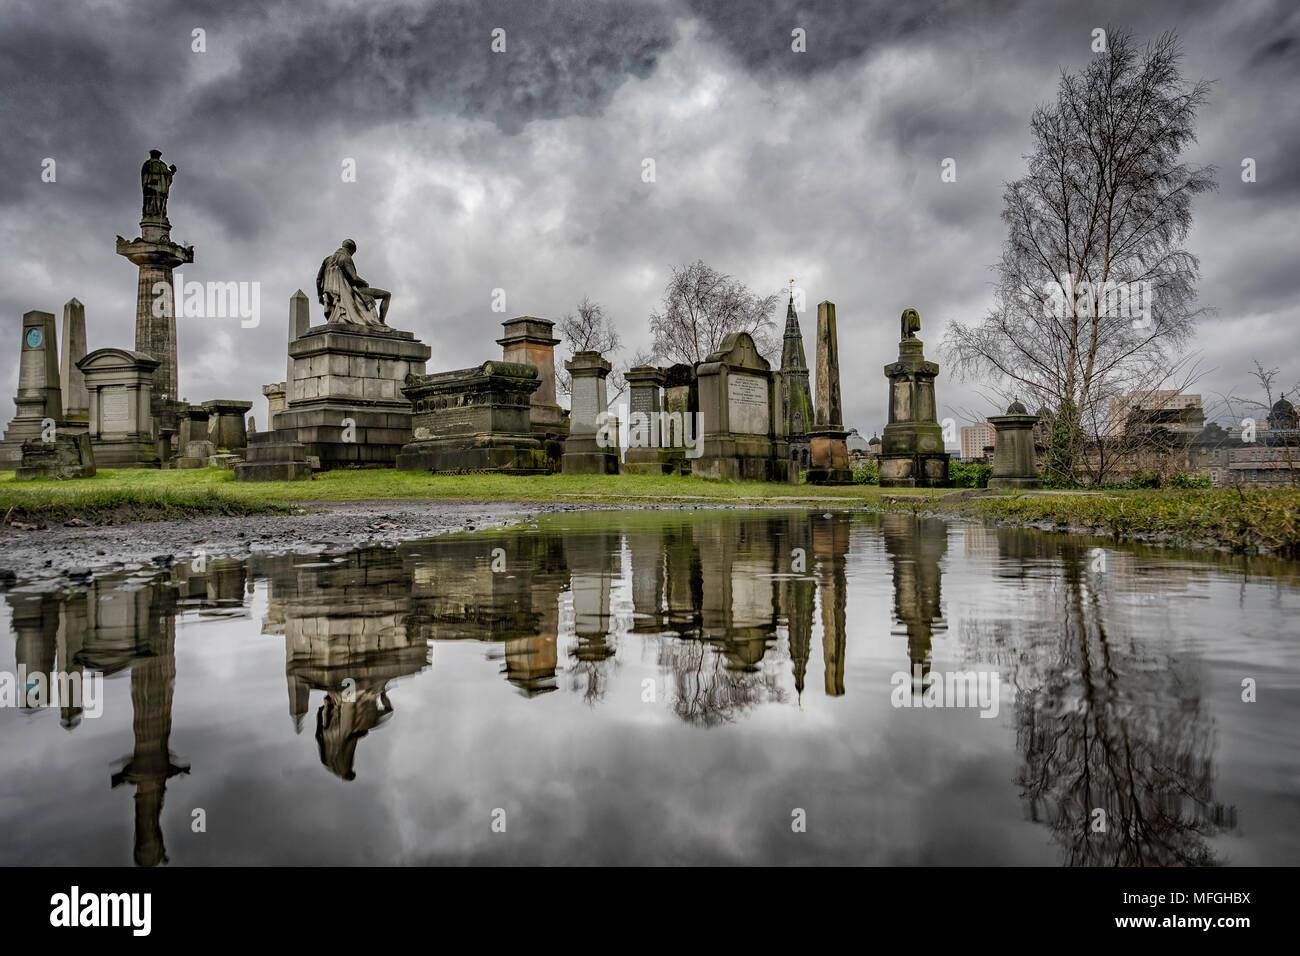 The Necropolis, Glasgow, Scotland, UK - Stock Image